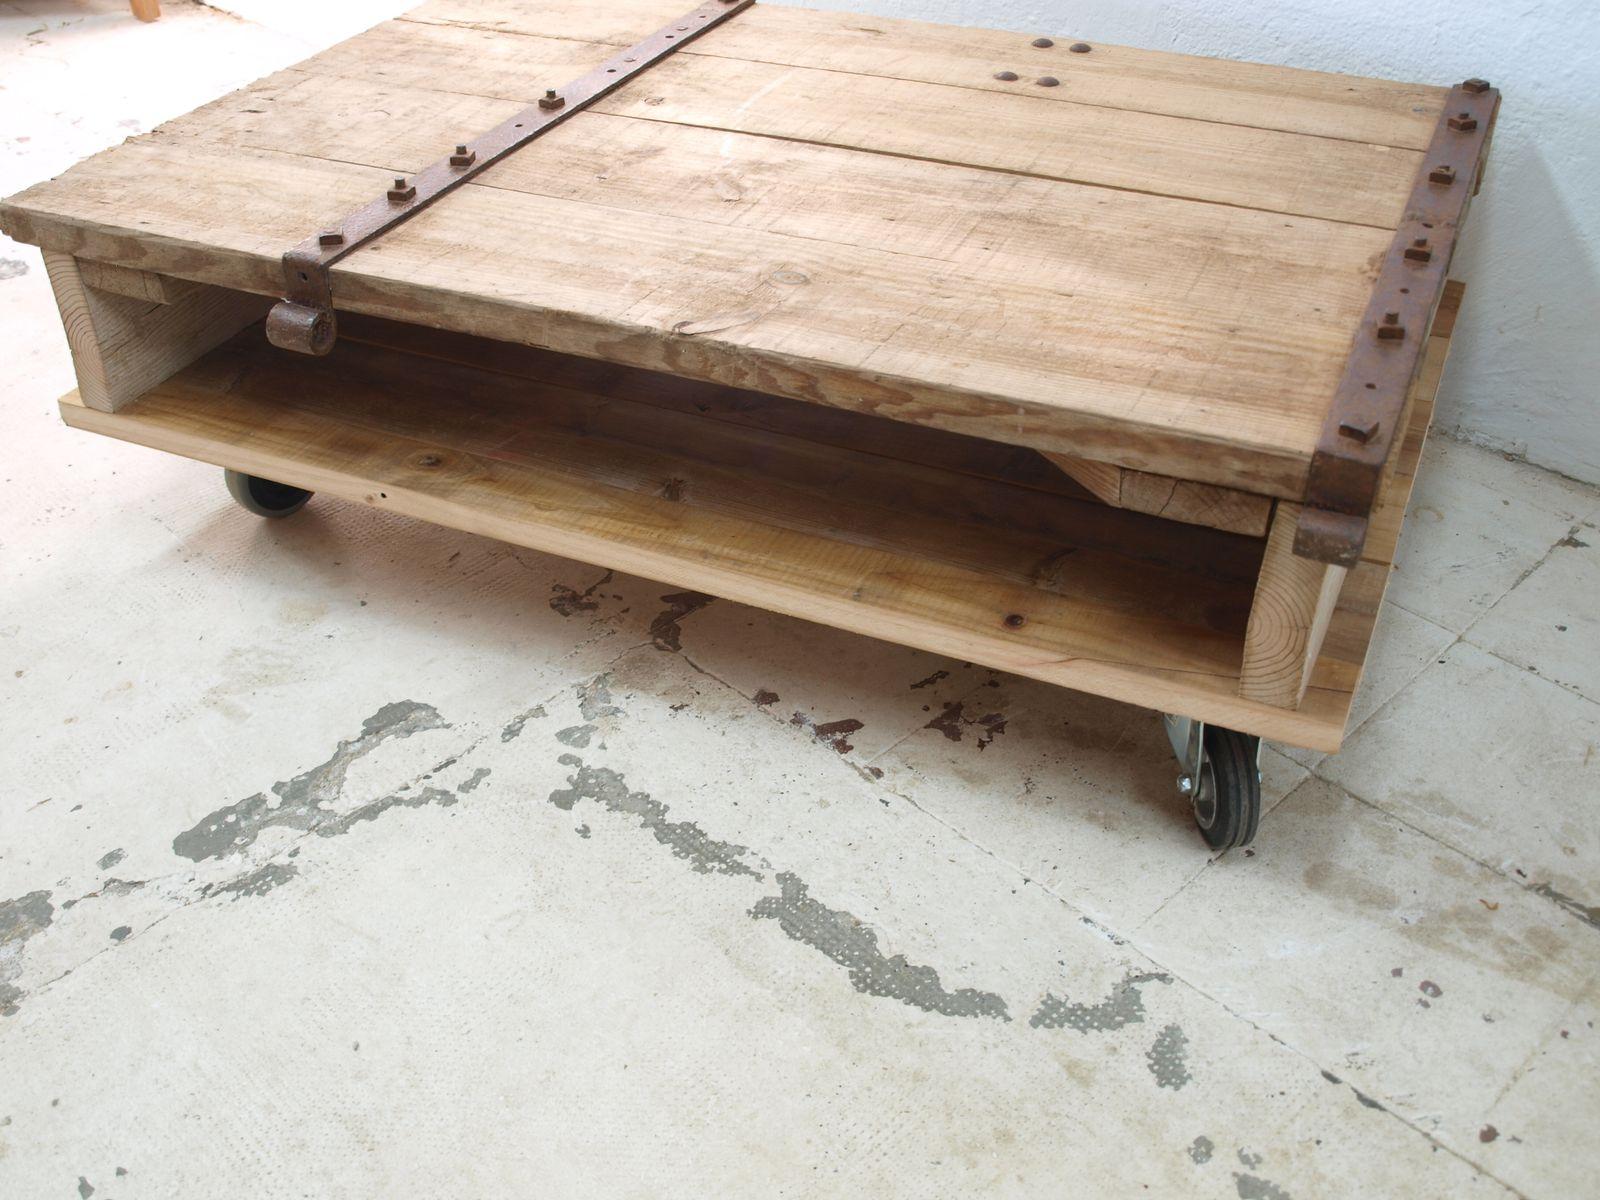 Französischer Industrie Couchtisch aus Holz bei Pamono kaufen -> Couchtisch Holz Industrie